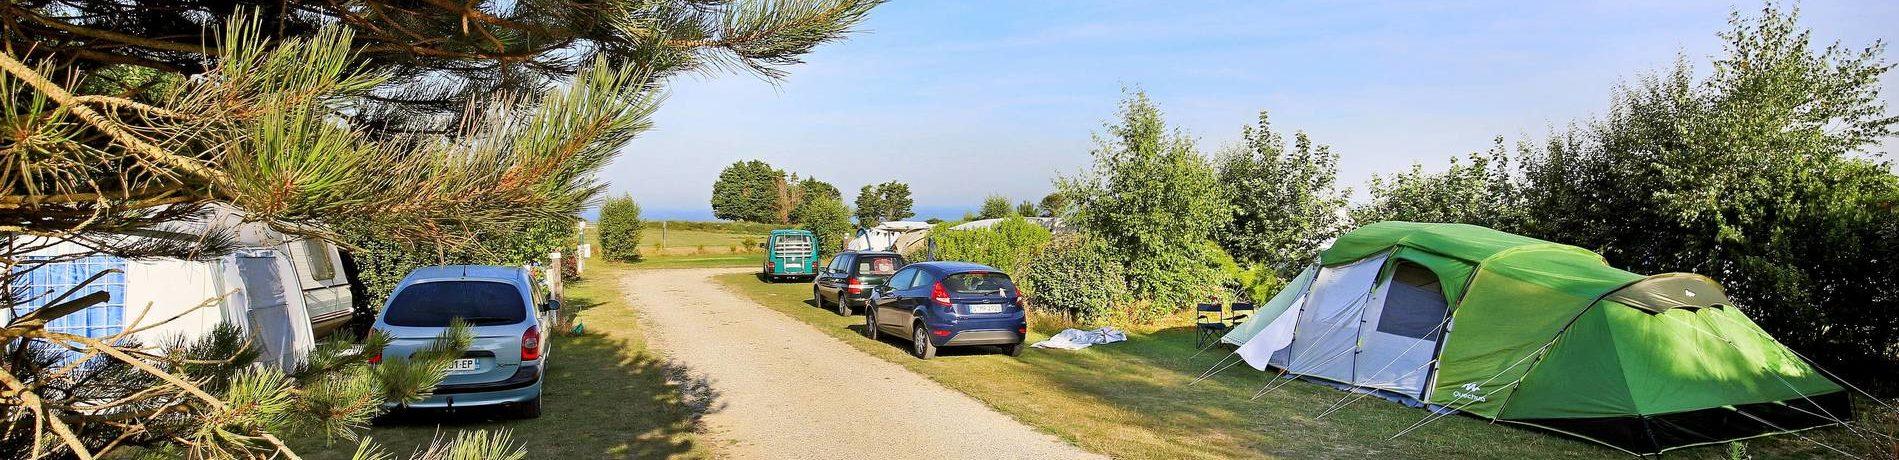 Camping Huttopia les Falaises - Normandie inSaint-Pierre-en-Port ligt op 400 meter van het strand in het departement Seine-Maritime in Normandië.